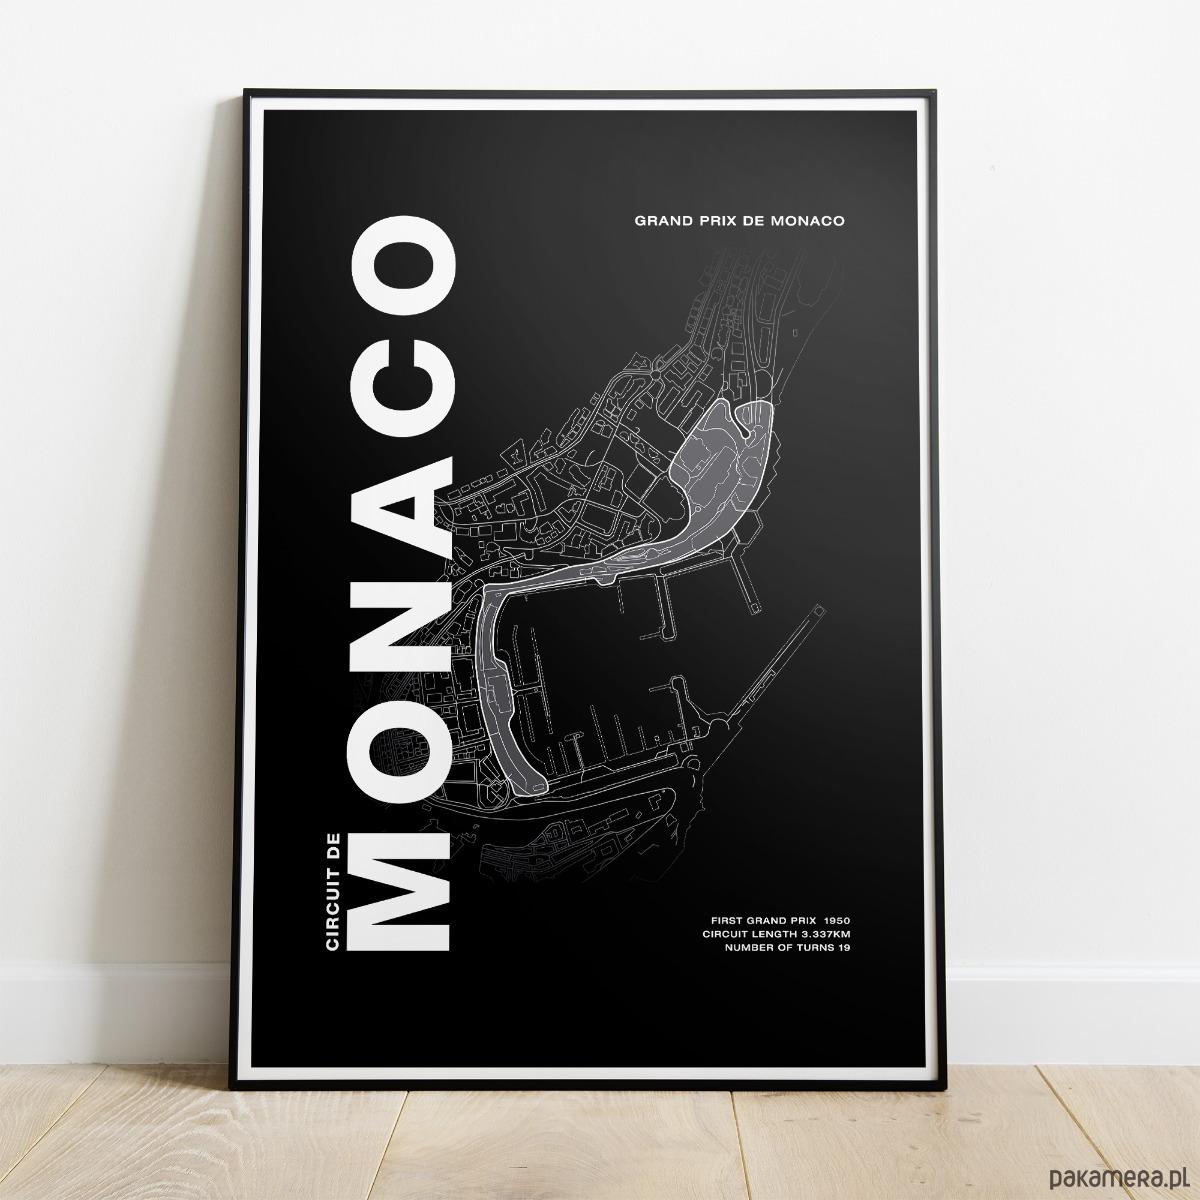 Tory Wyścigowe Monaco Pakamerapl